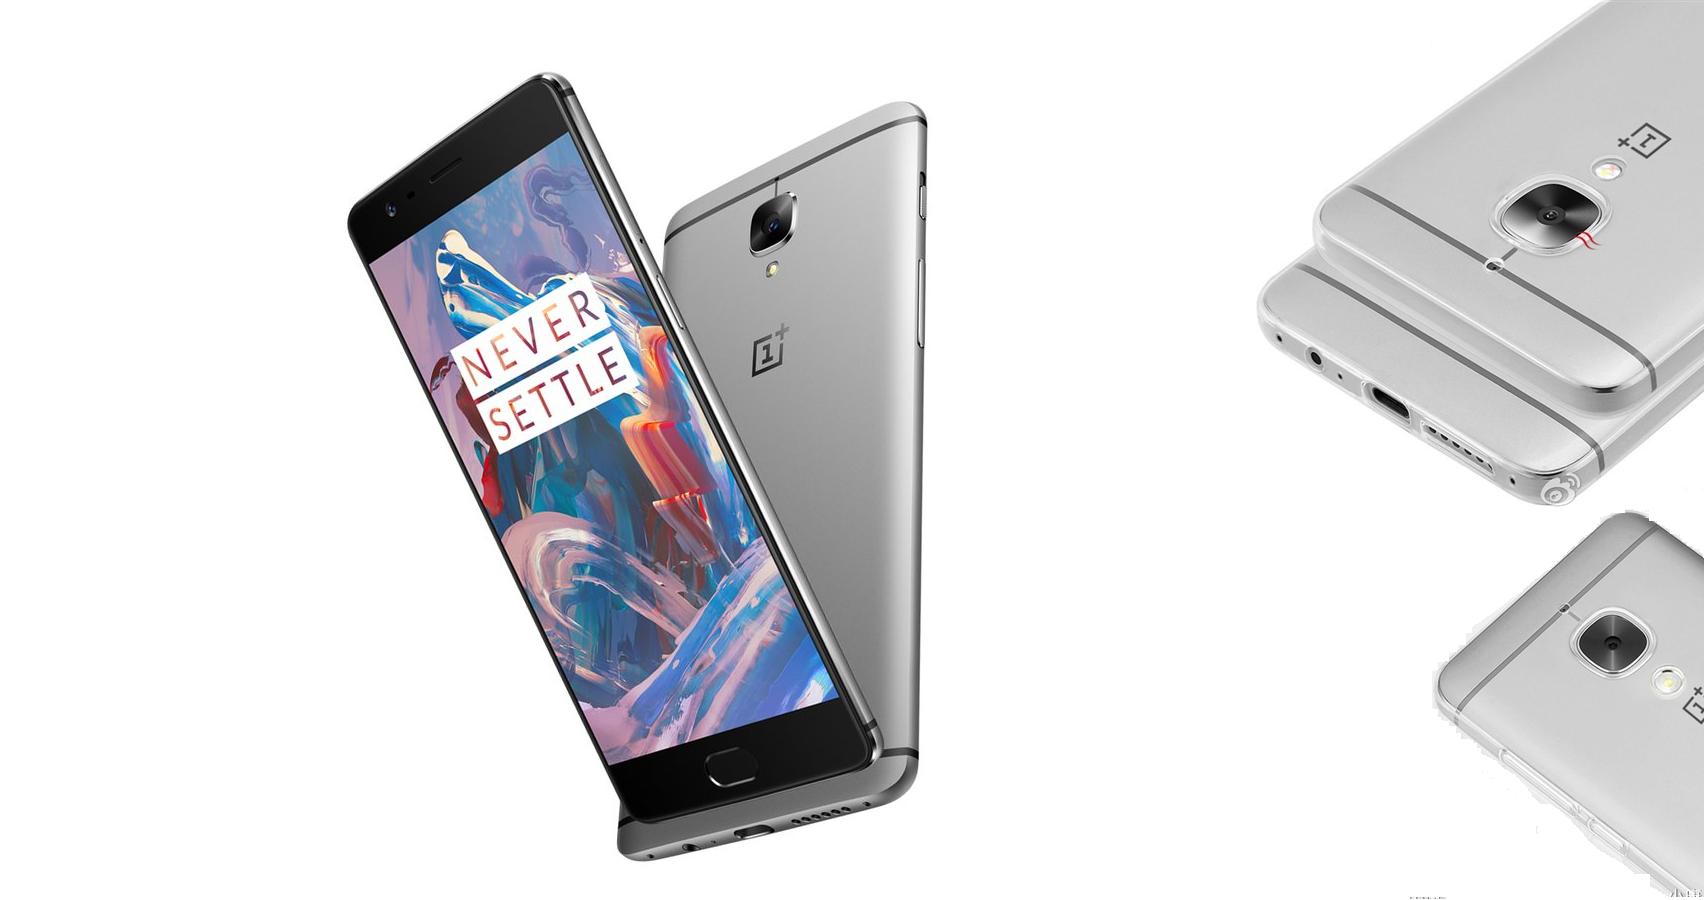 OnePlus 3 sigue las líneas de diseño del HTC One M7-M9